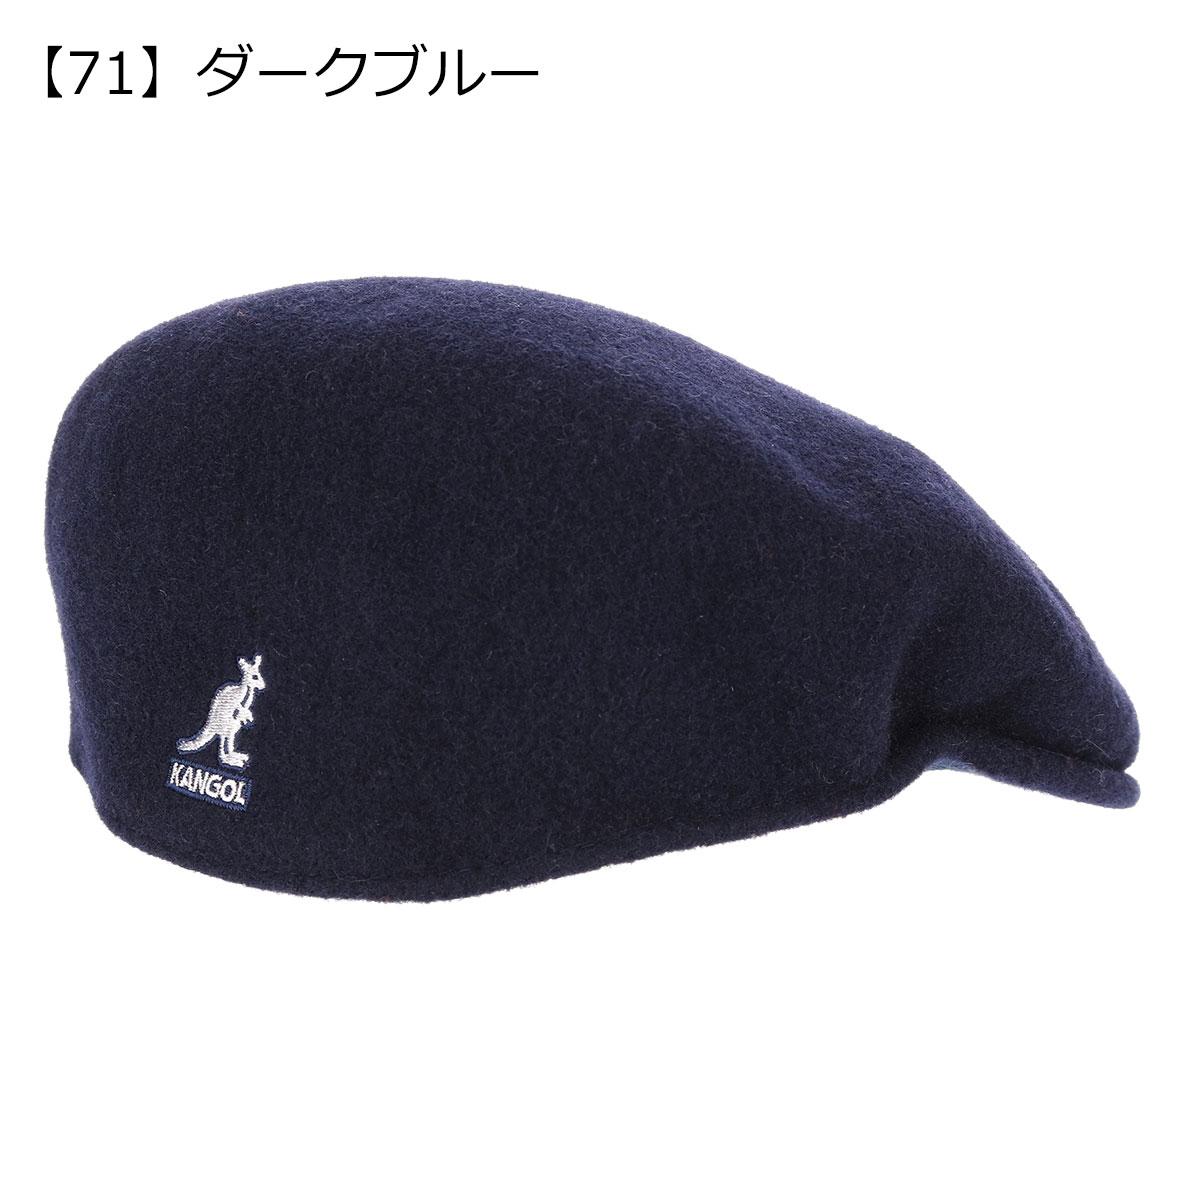 【71】ダークブルー